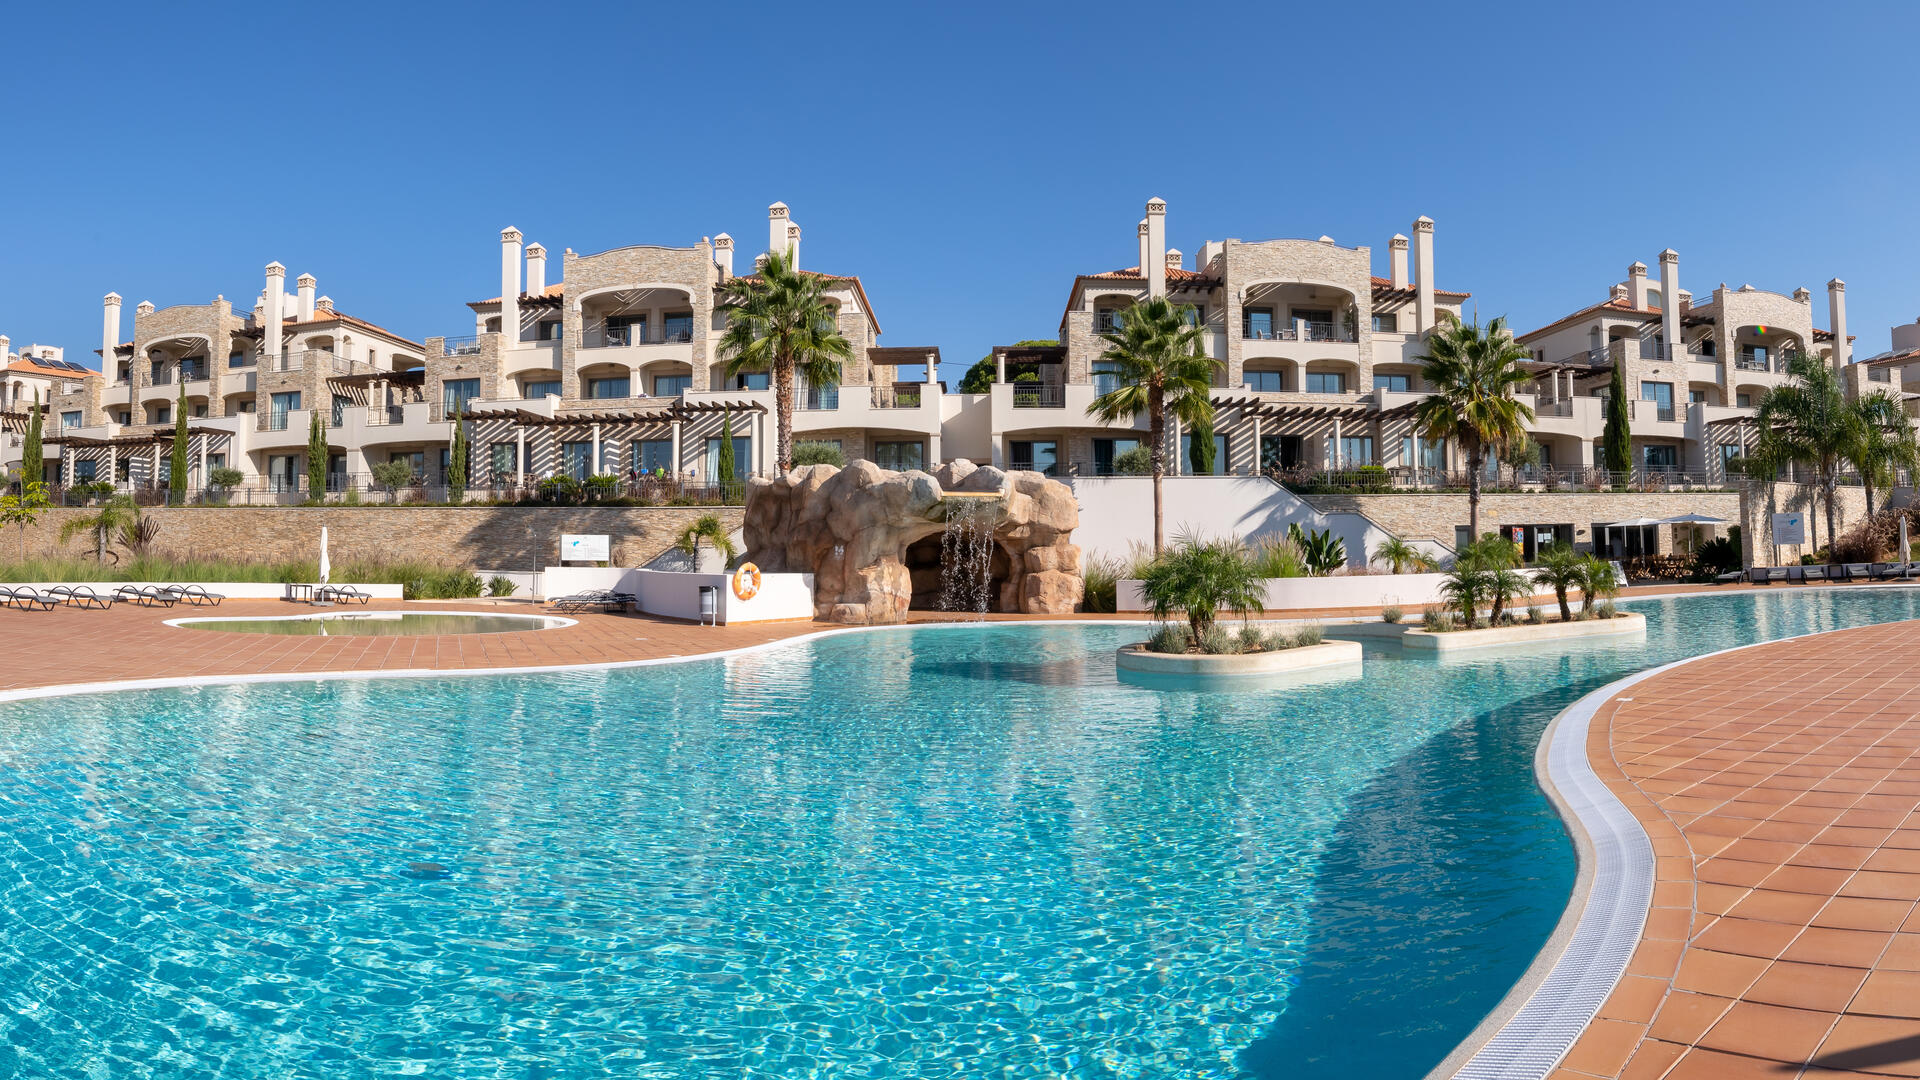 Three-bedroom holiday apartment idea for a family holiday near beaches